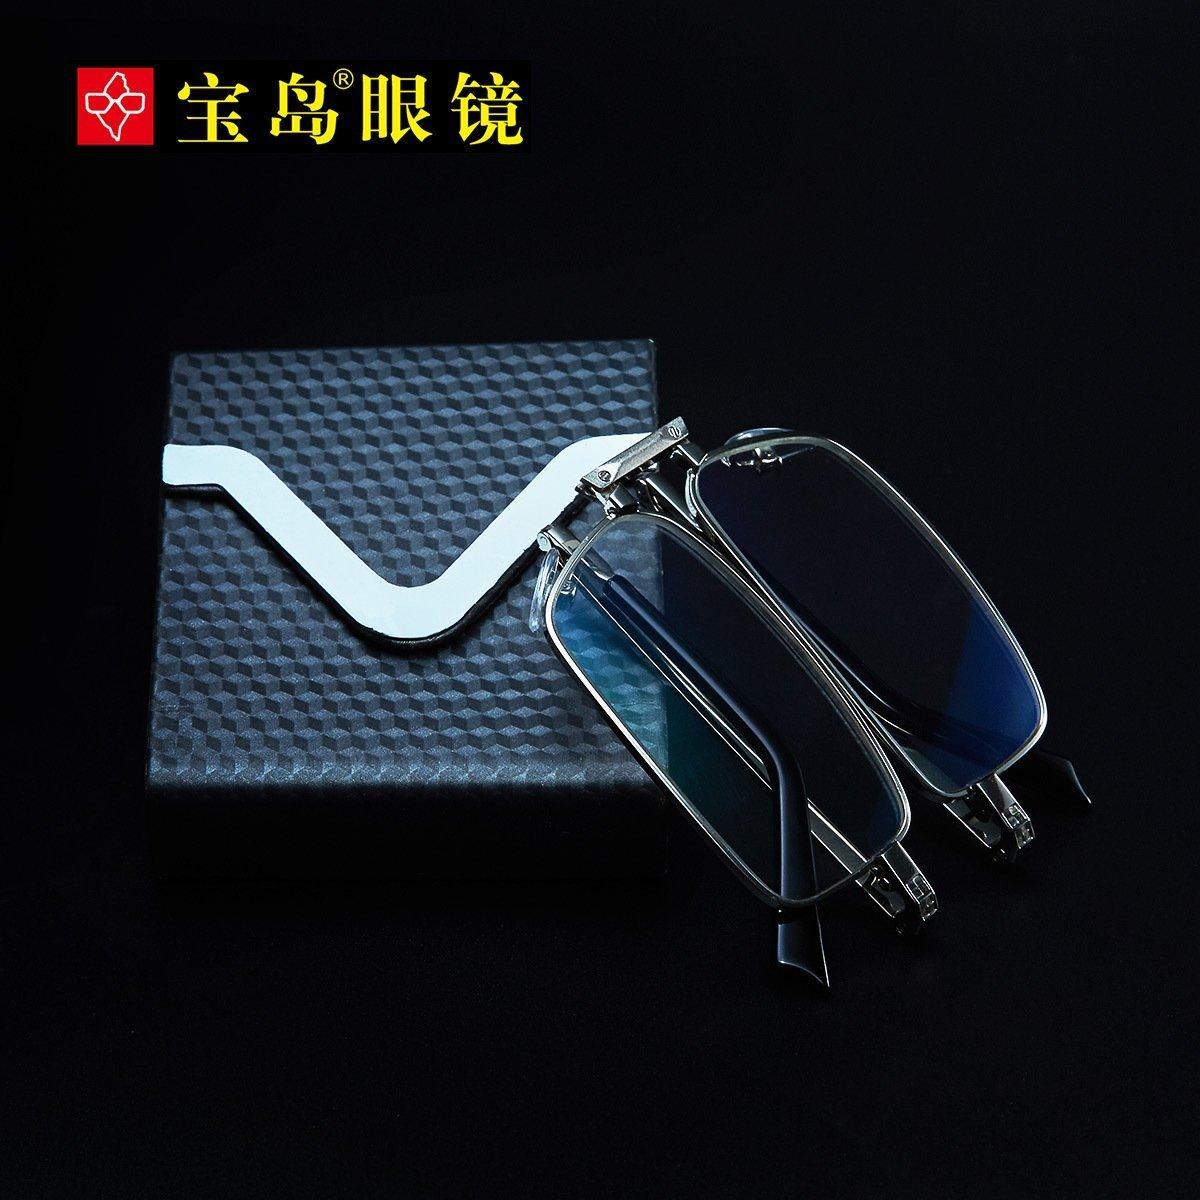 索柏 老花镜男女折叠便携优雅简约树脂300度看书打牌老光眼镜1107